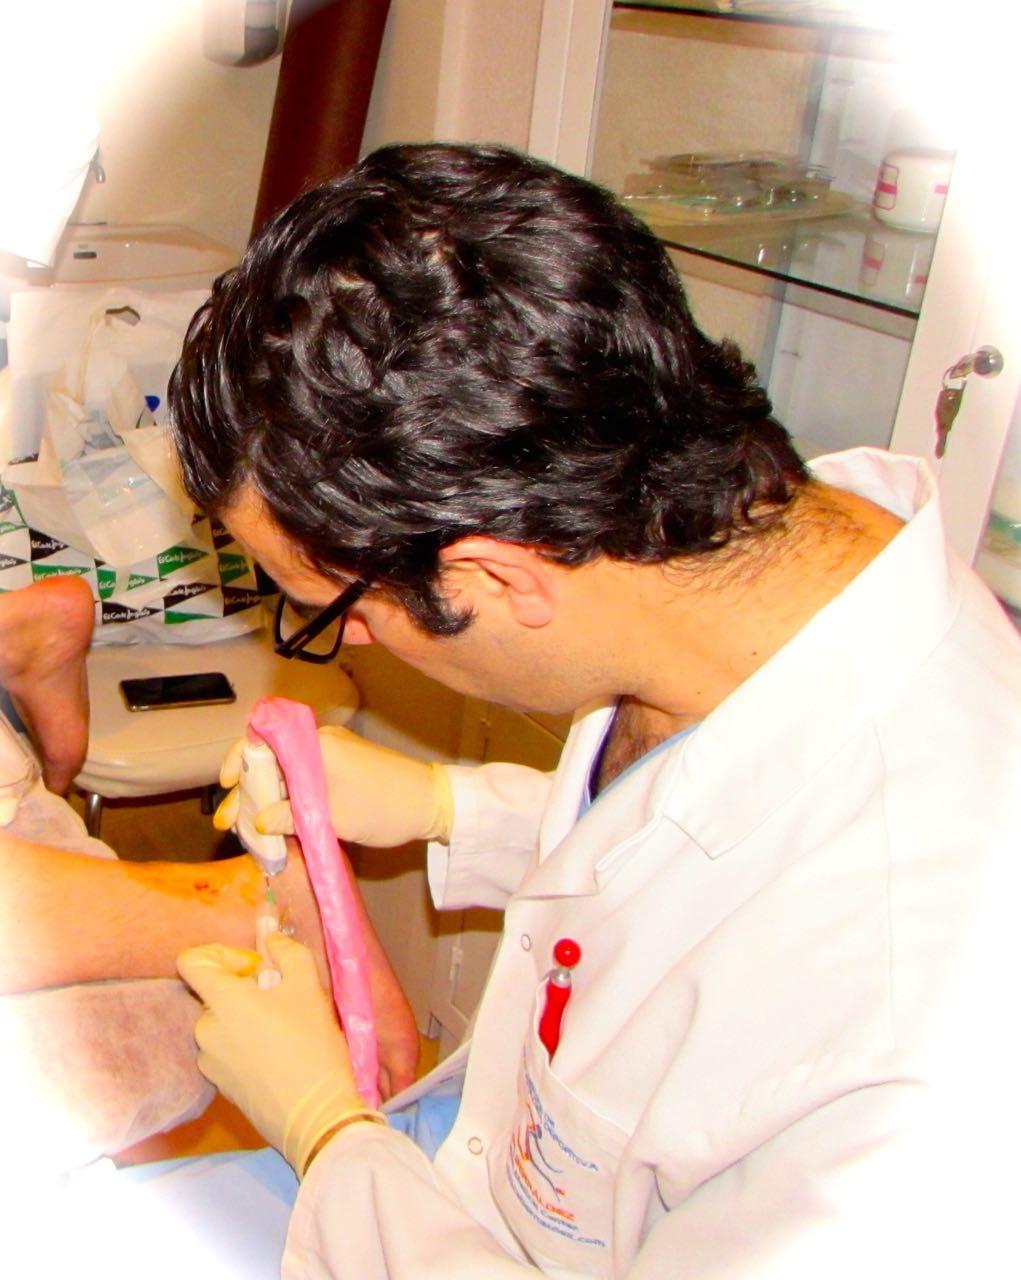 Curación de tendinitis de Aquiles (Deformación de Haglund) mediante infiltraciones